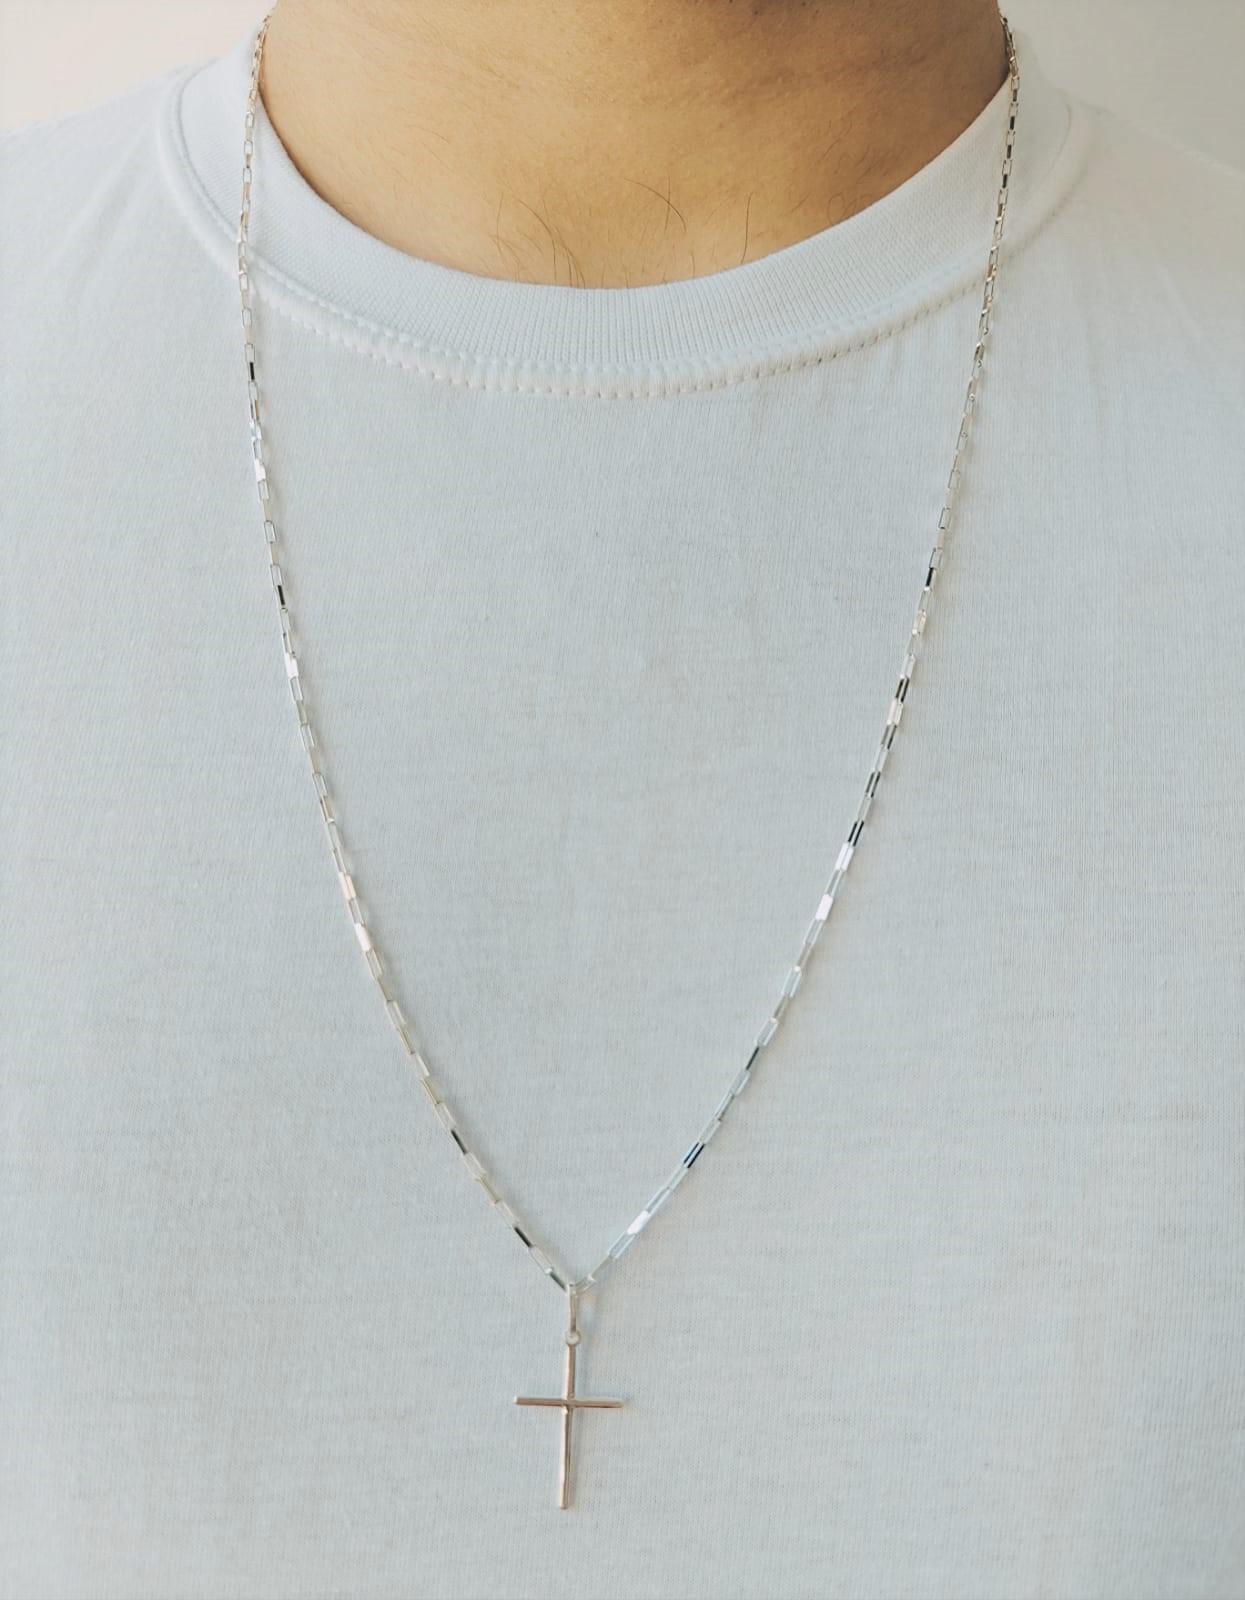 Cordão Corrente Masculina Cadeado 80cm Pingente Cruz Crucifixo De Prata 925